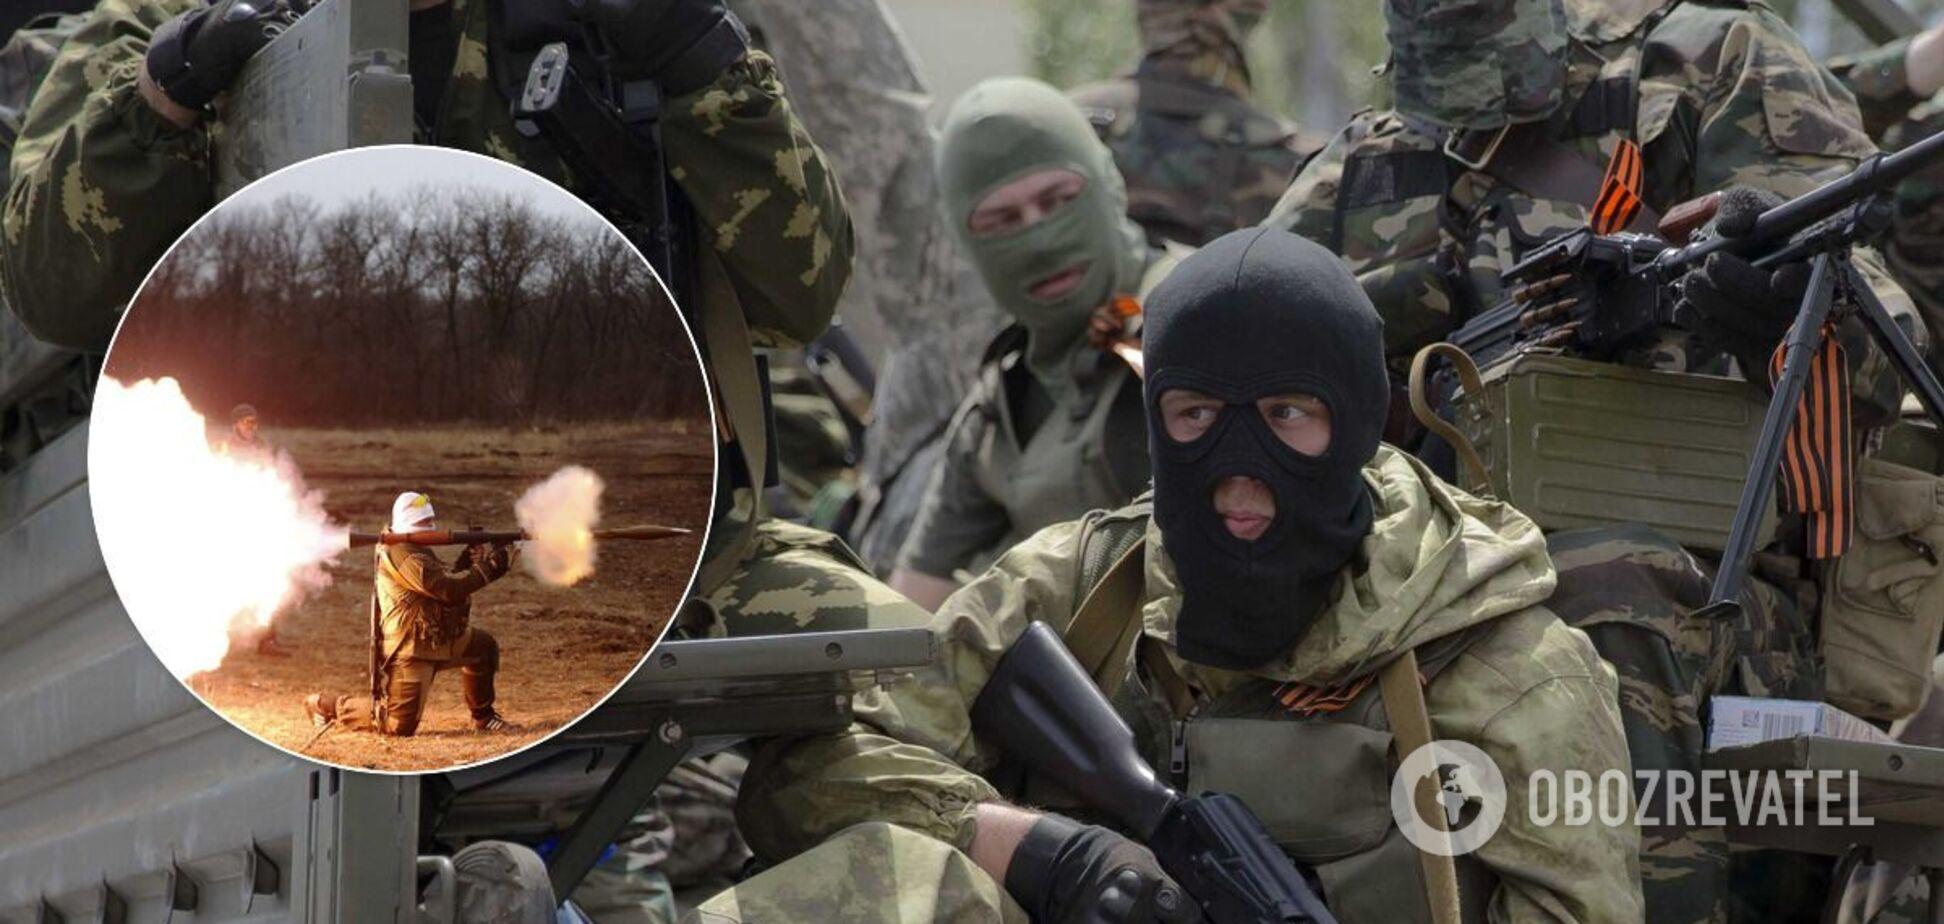 'Л/ДНР' обстріляли позиції ЗСУ з гранатомета